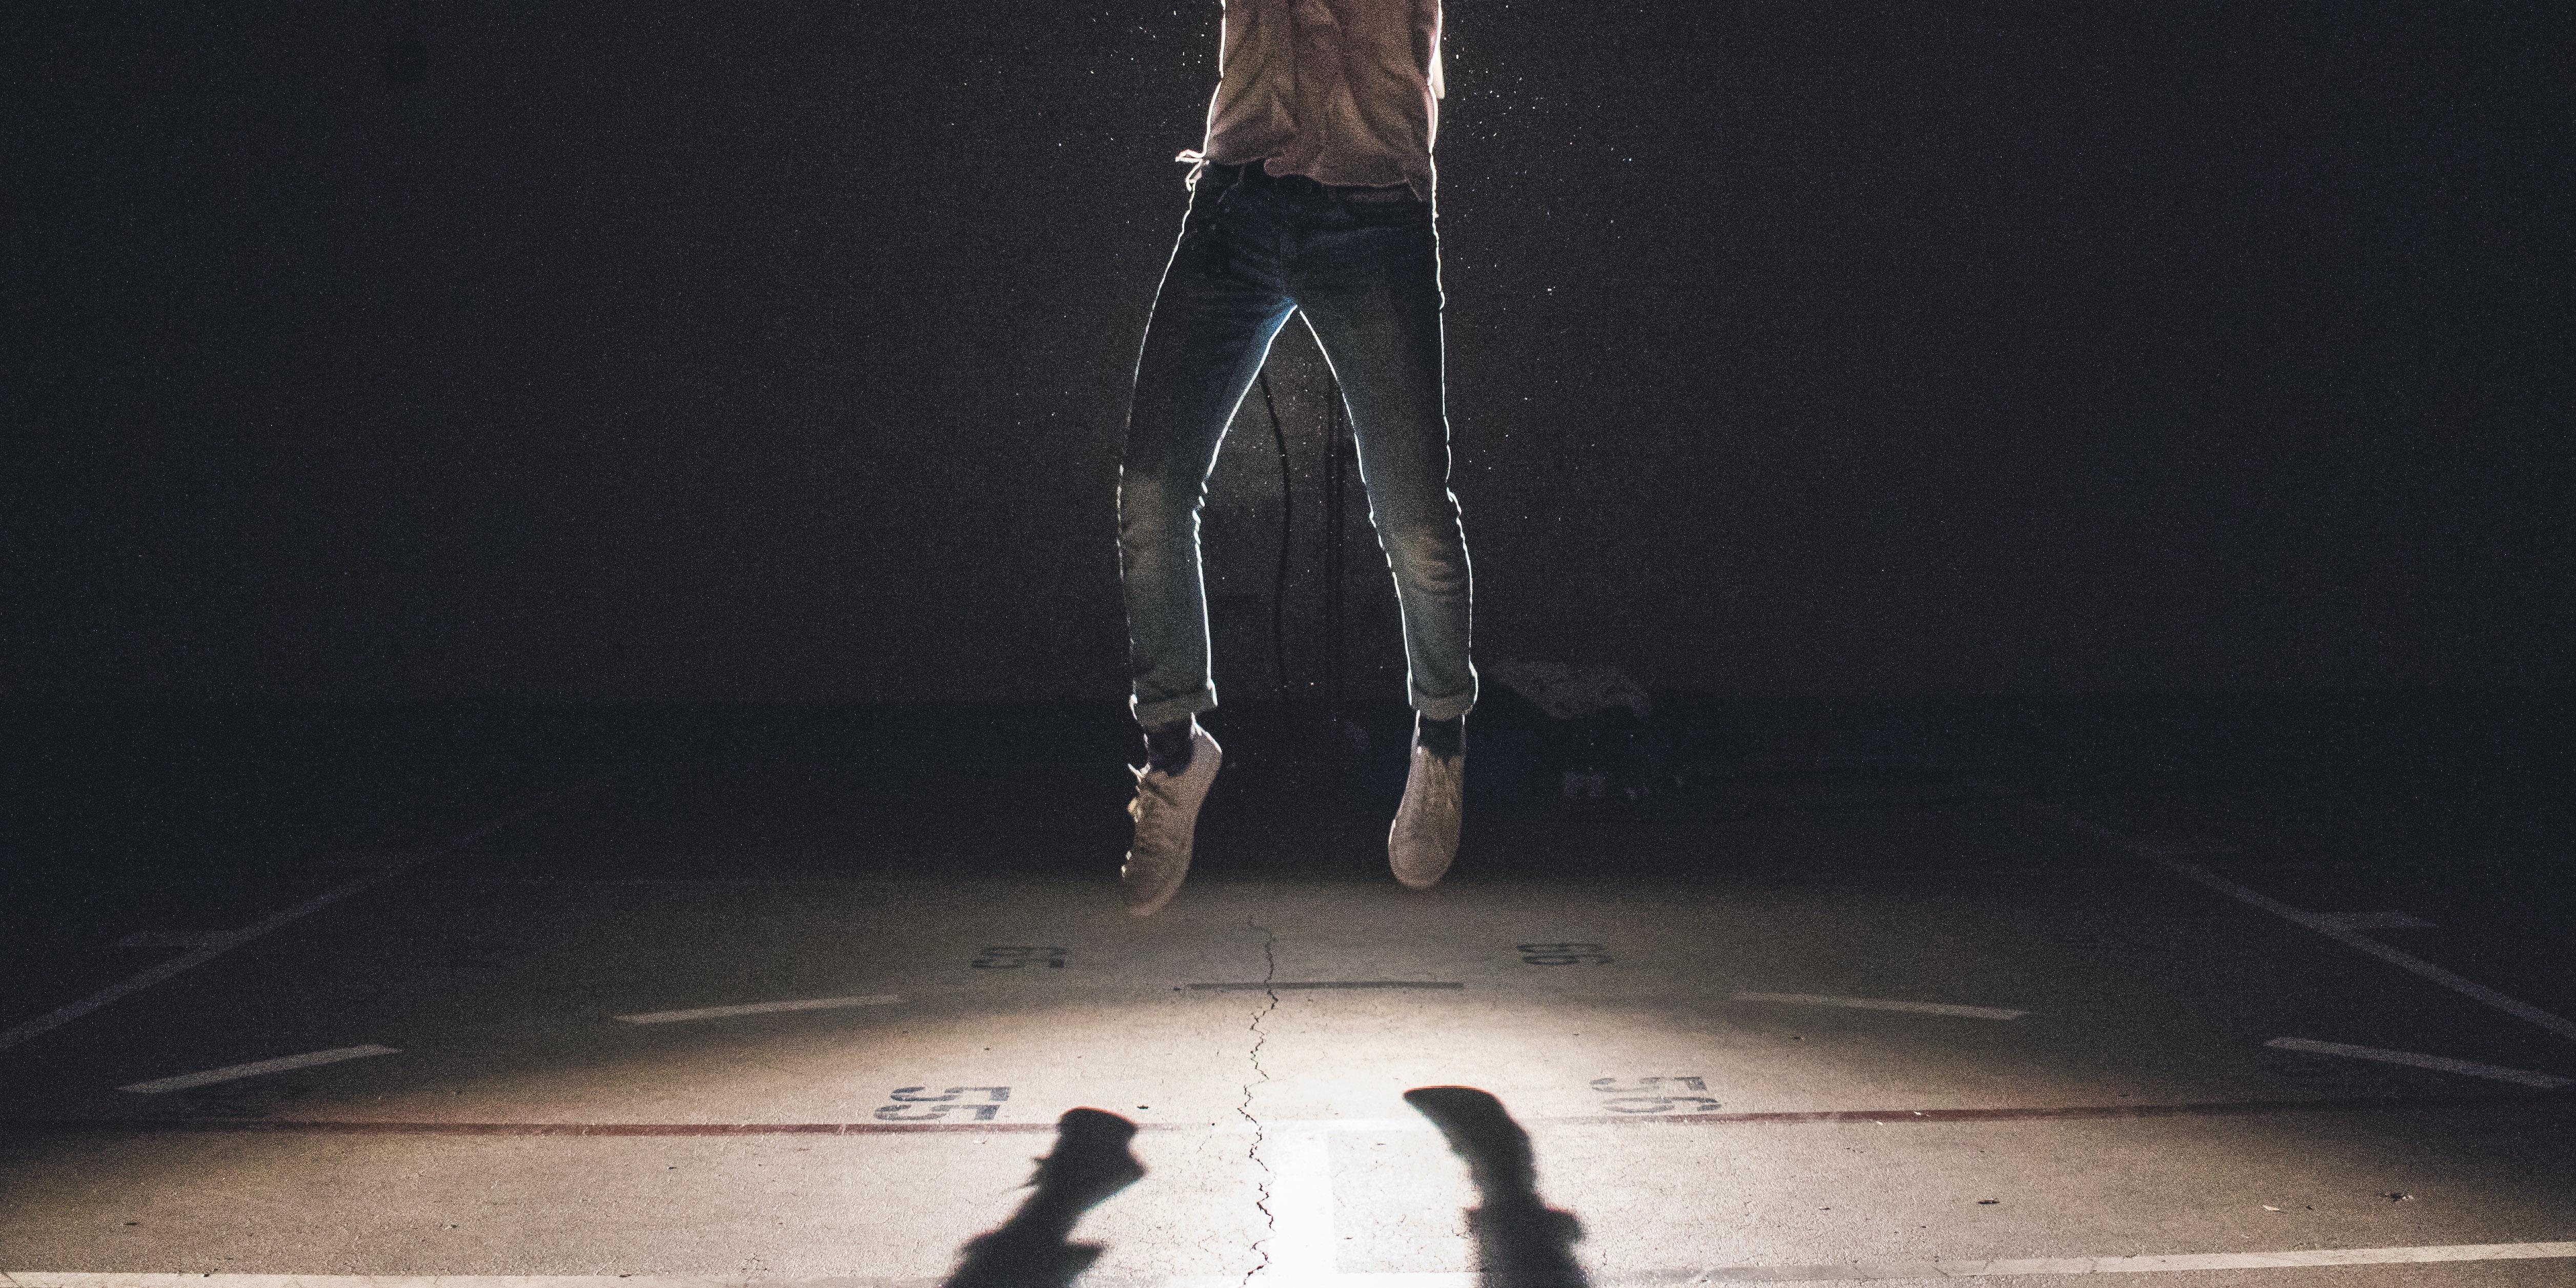 Fotos gratis : hombre, persona, ligero, saltar, Saltando, sombra ...